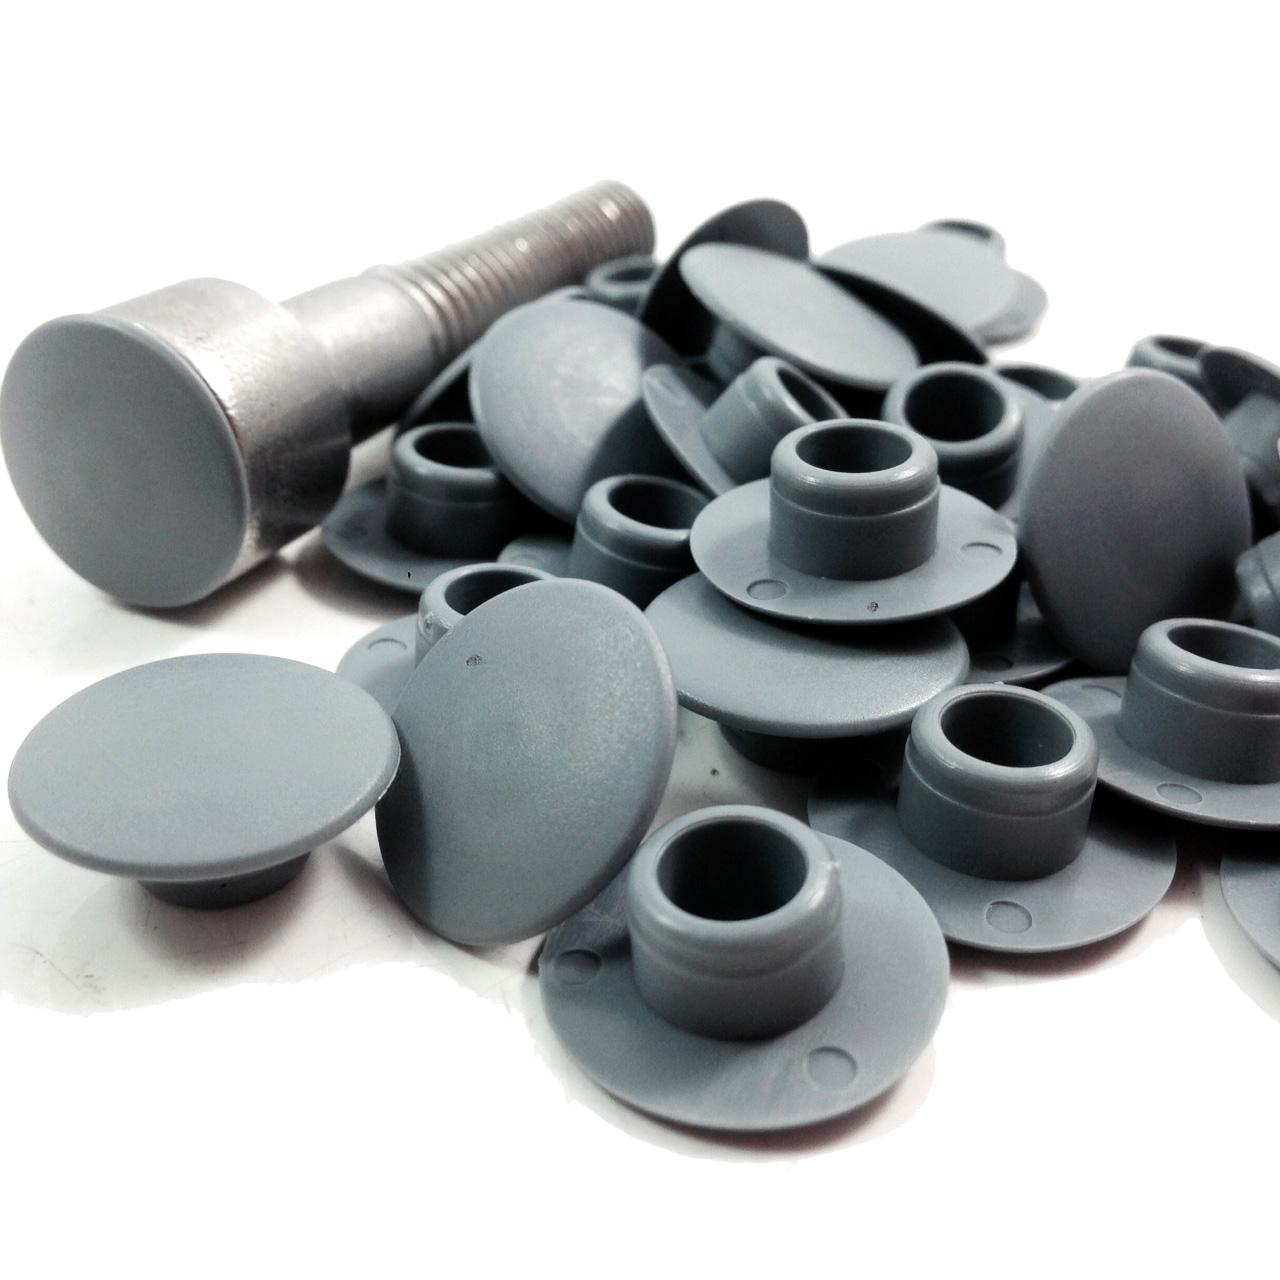 M5 5mm Grey Socket Head Cover Caps Hexagon Head Screws